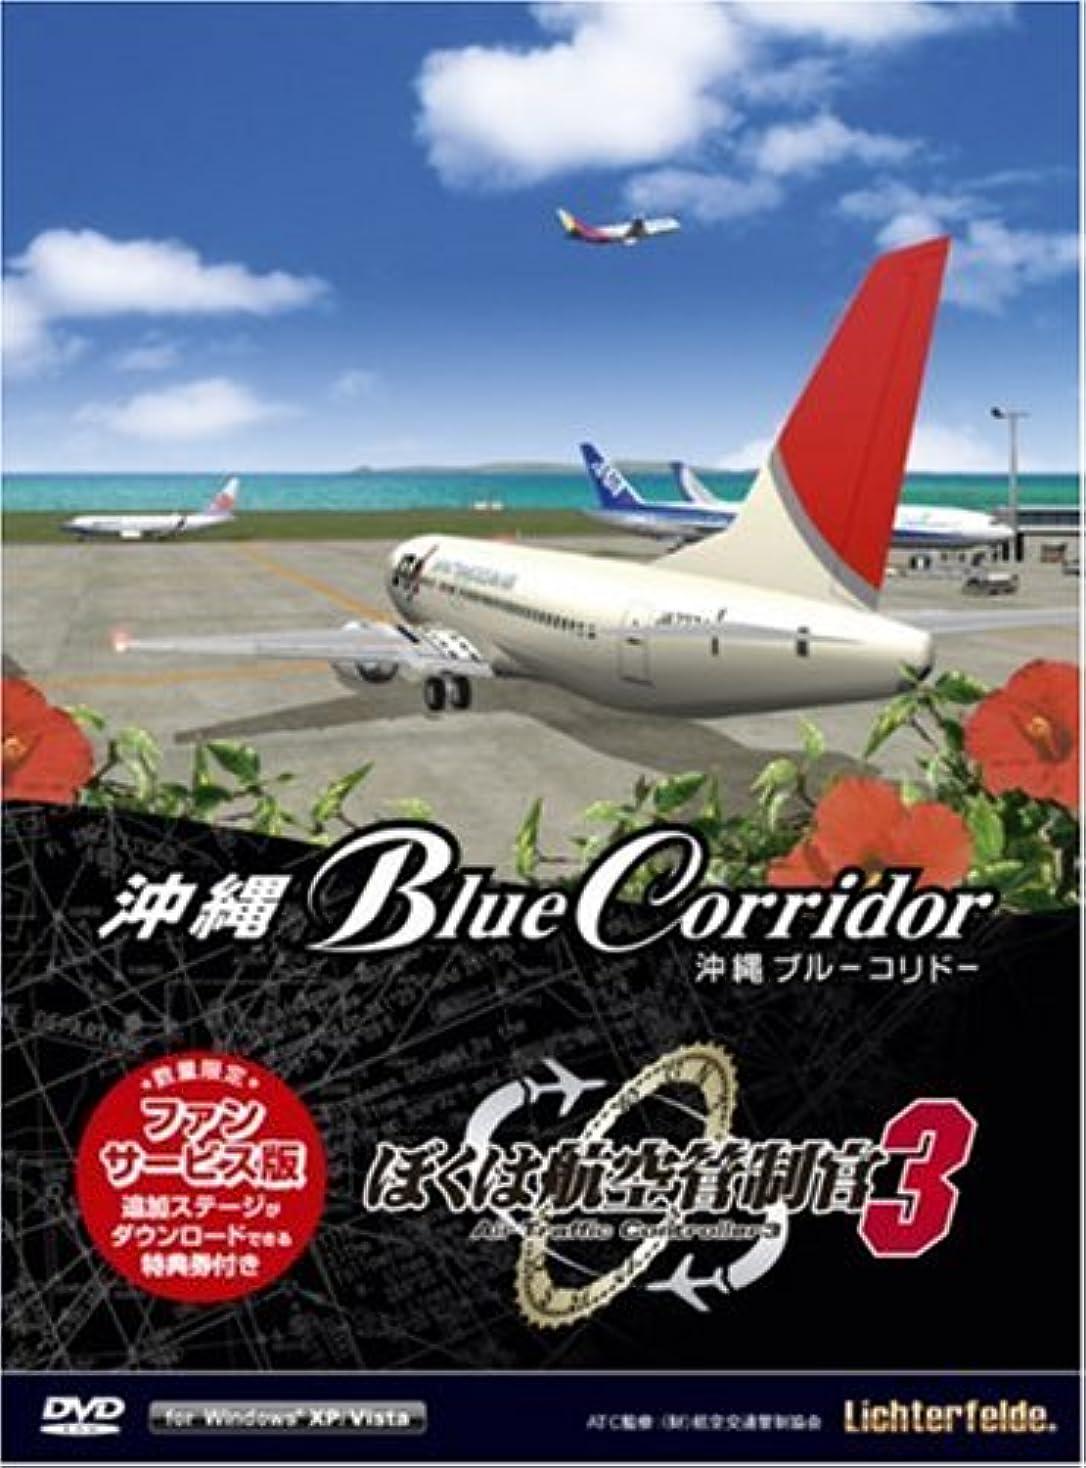 引き算カブ着替えるぼくは航空管制官3 沖縄ブルーコリドー・ファンサービス版